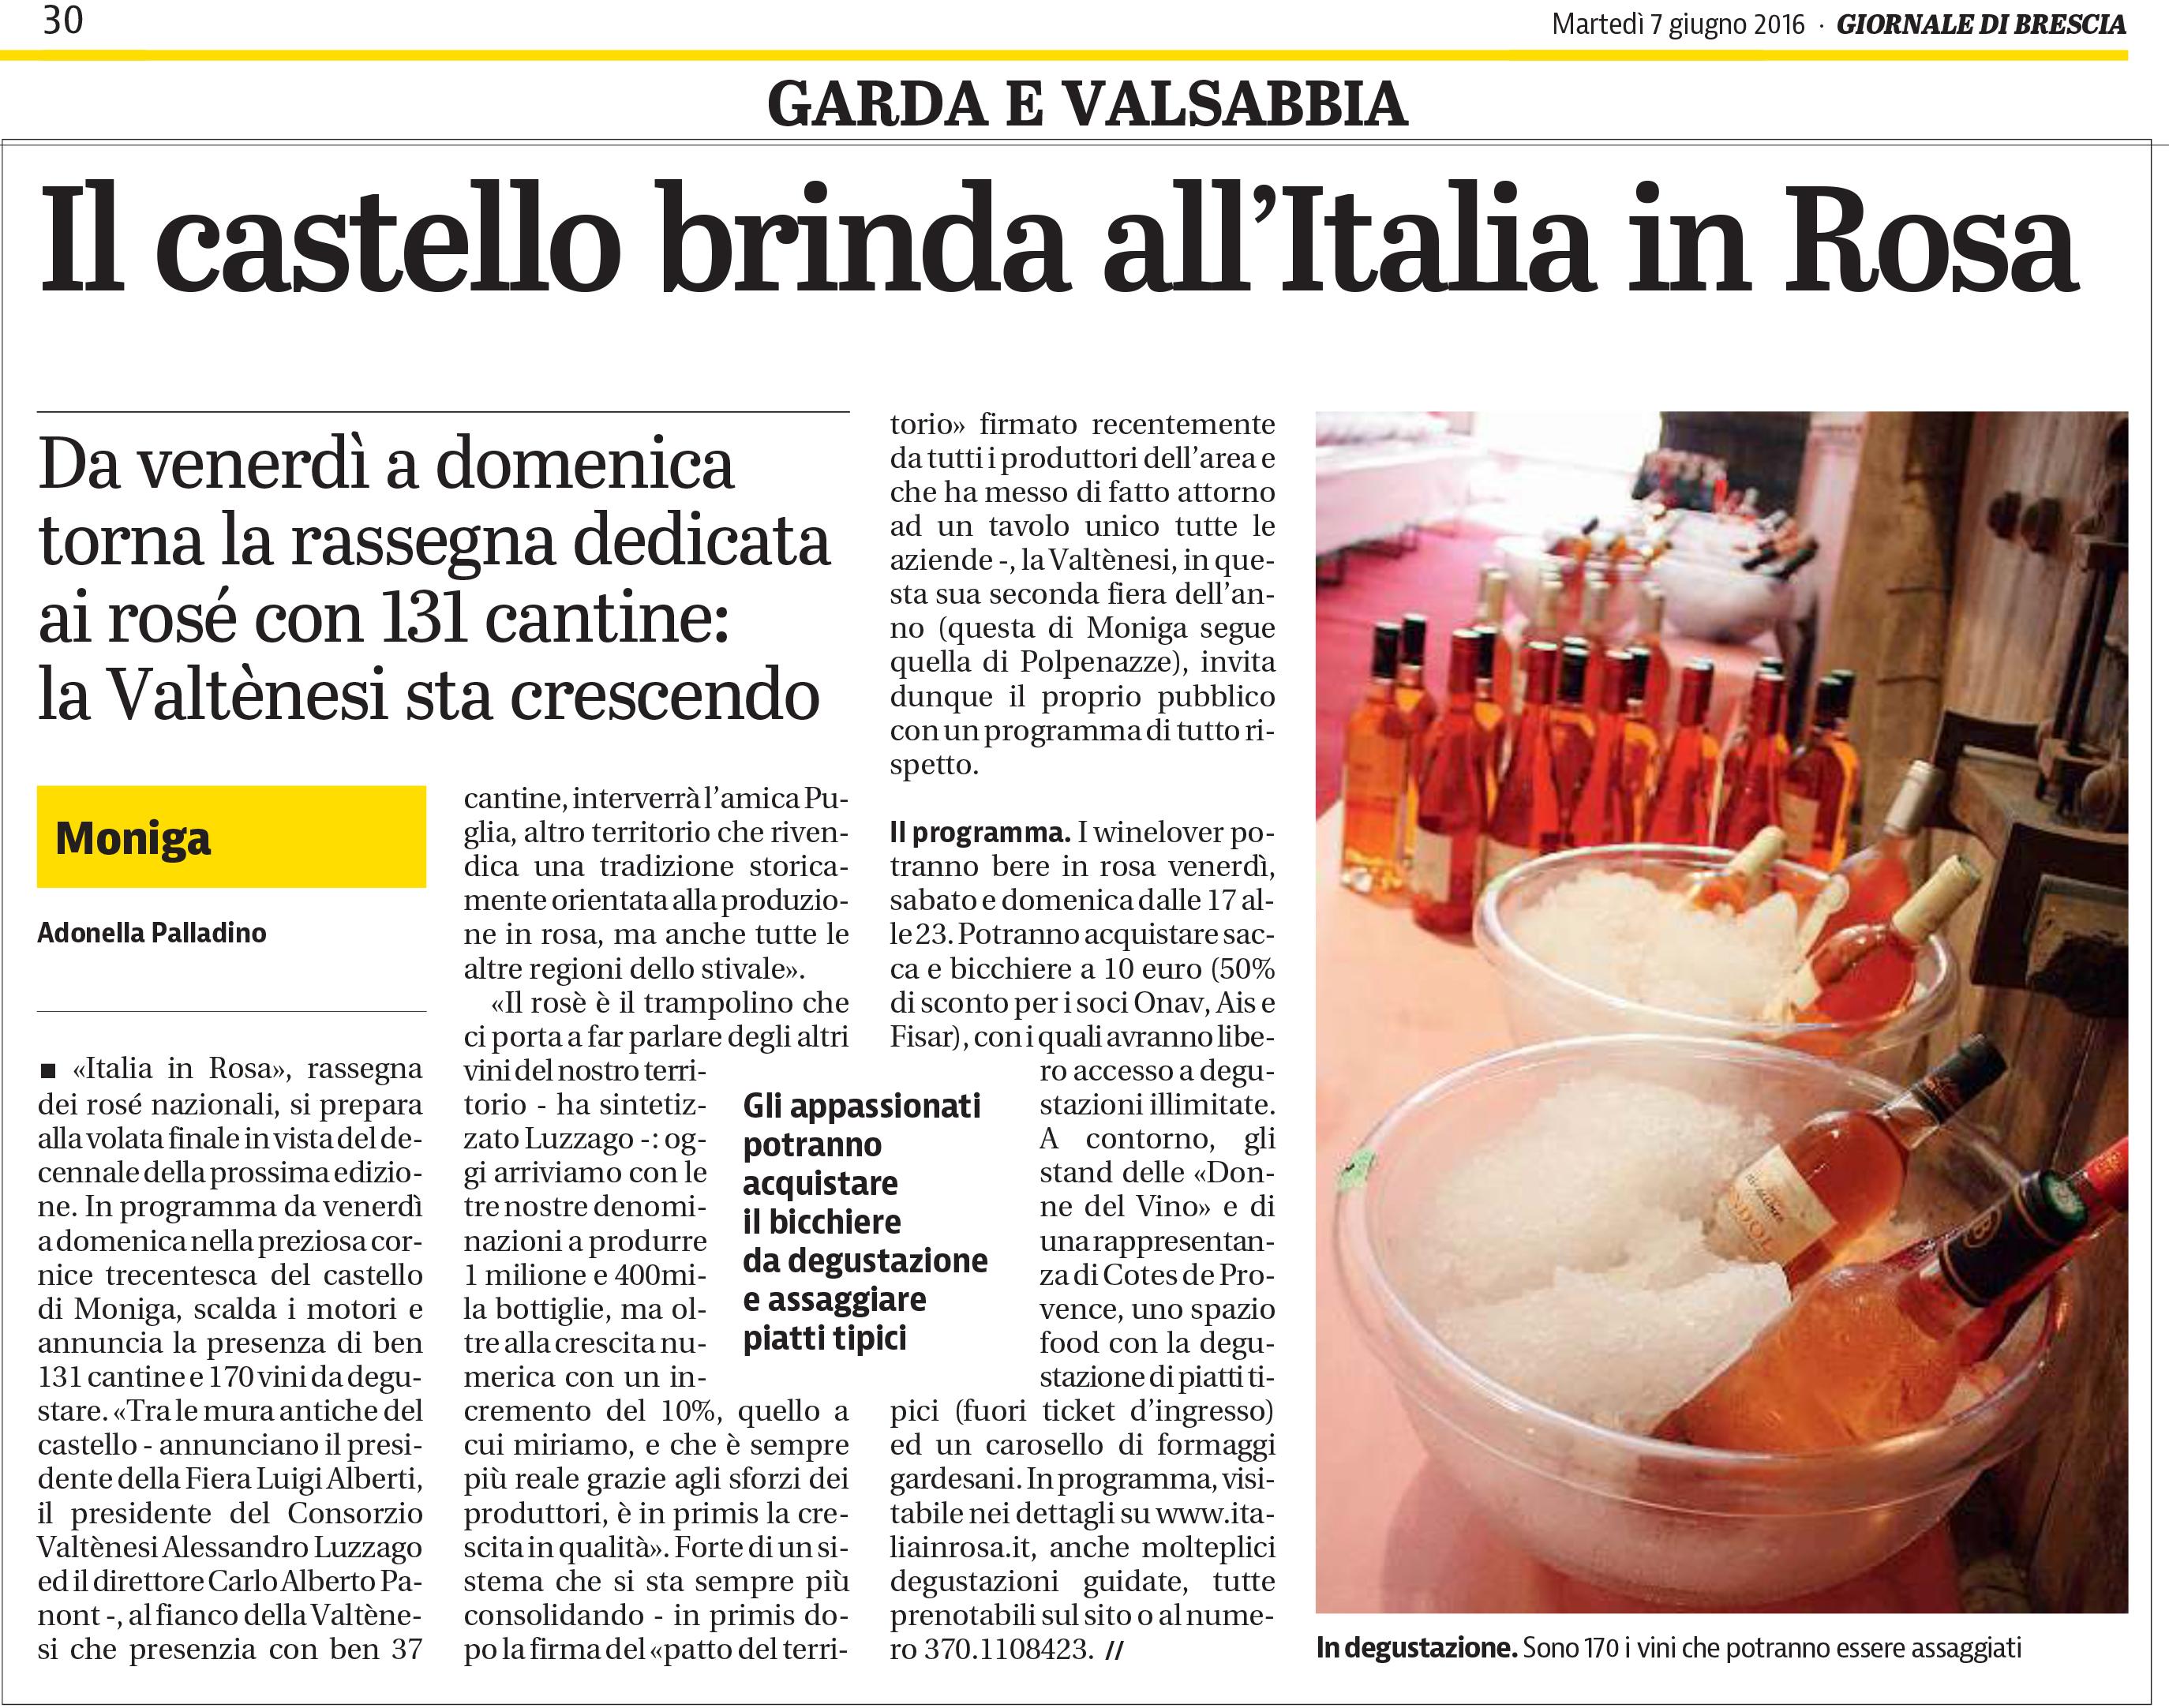 Giornale di Brescia 7 giugno 2016